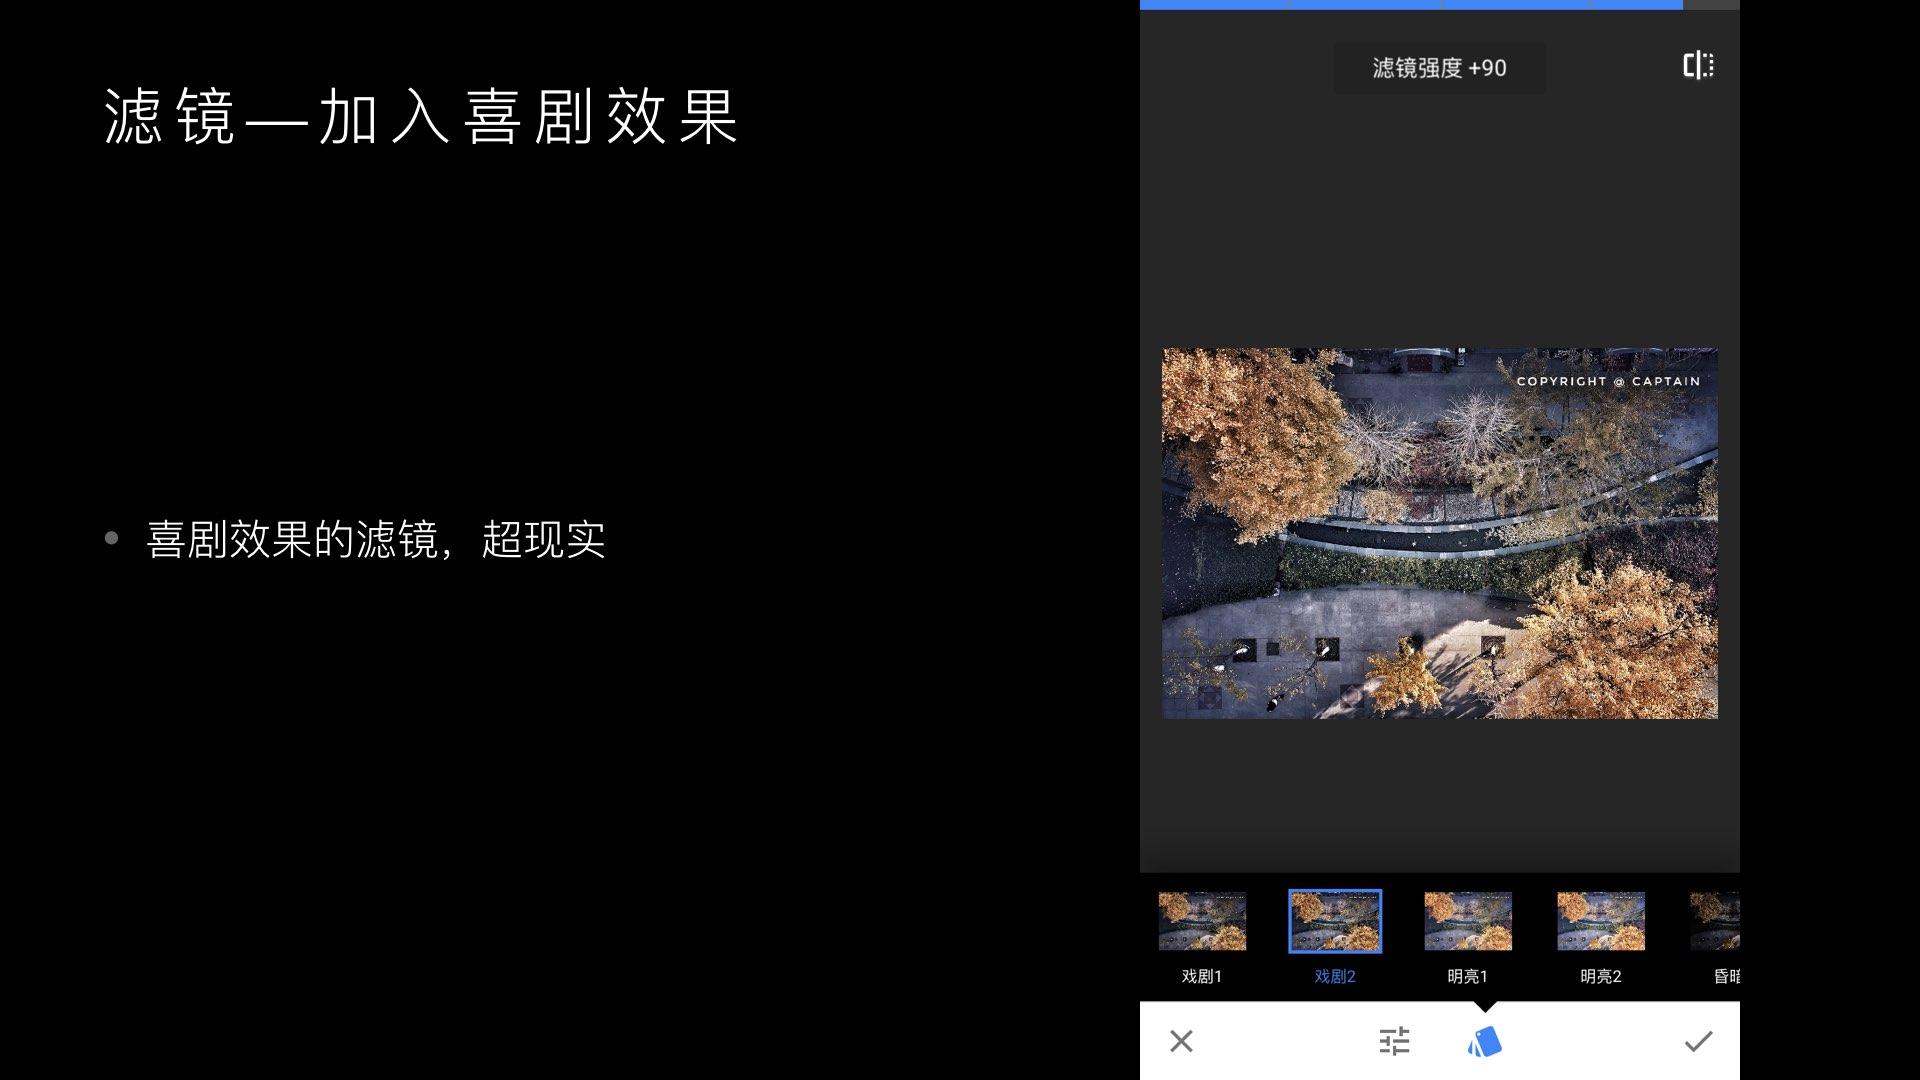 化腐朽为神奇,Snapseed图片编辑教程.026.jpeg